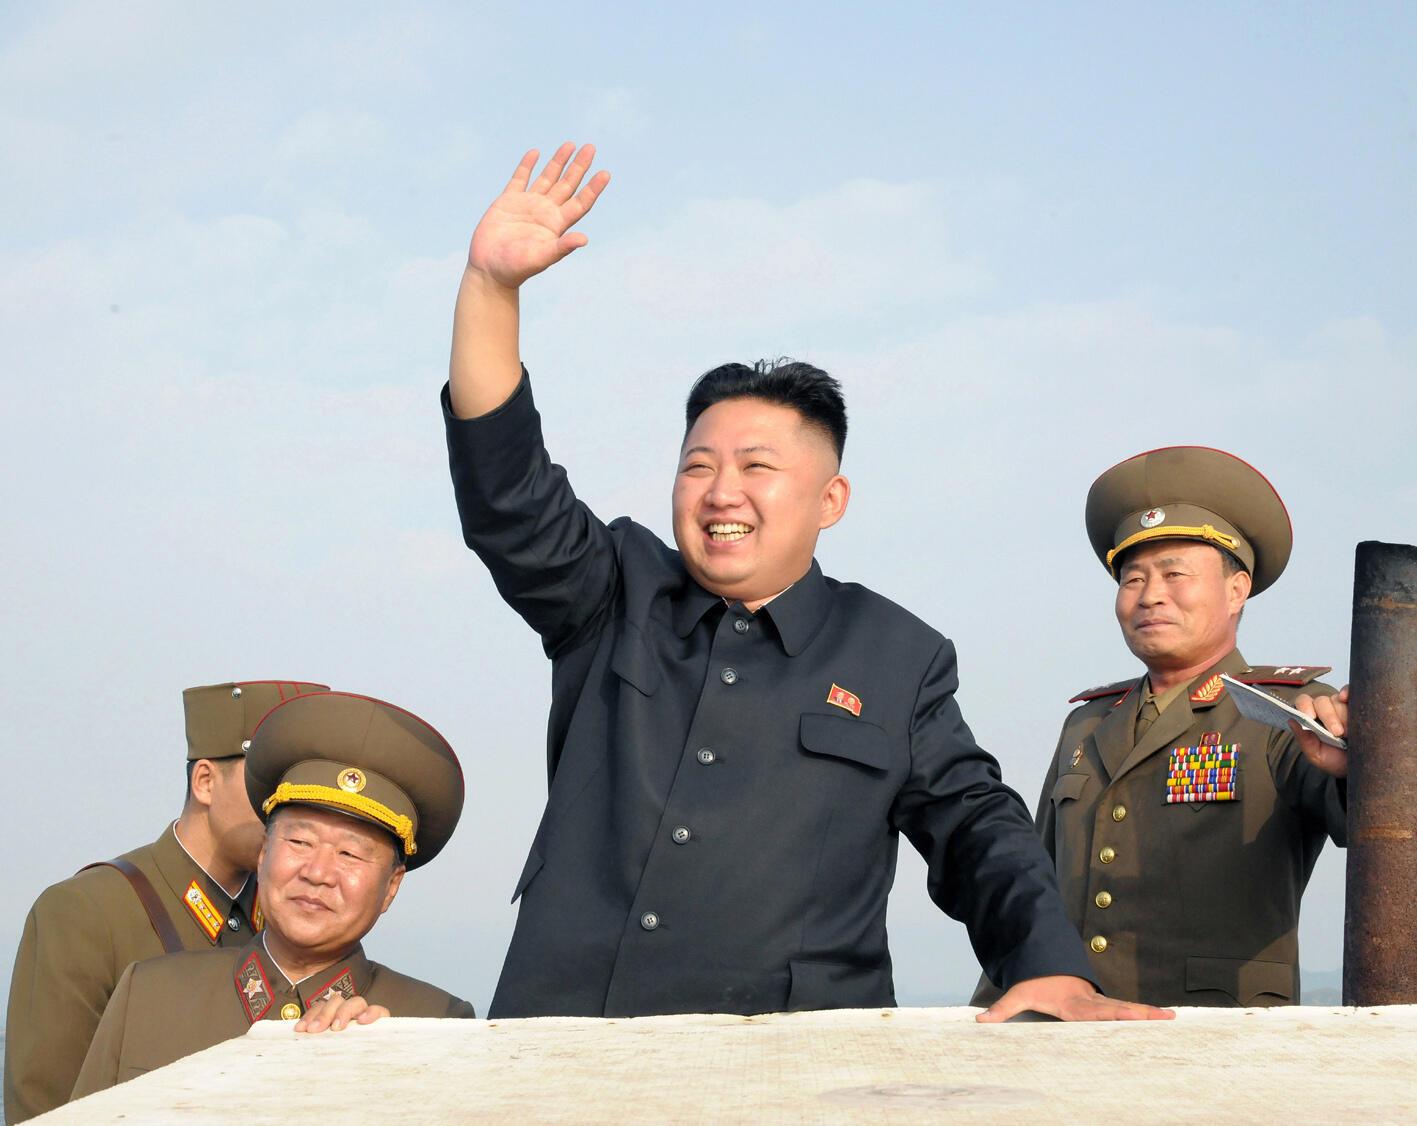 Lãnh tụ Bắc Triều Tiên Kim Jong Un (giữa) vẫy chào trong chuyến đi thăm một đơn vị quân đội đóng tại một đảo miền tây nam, ngày 19/08/2012.